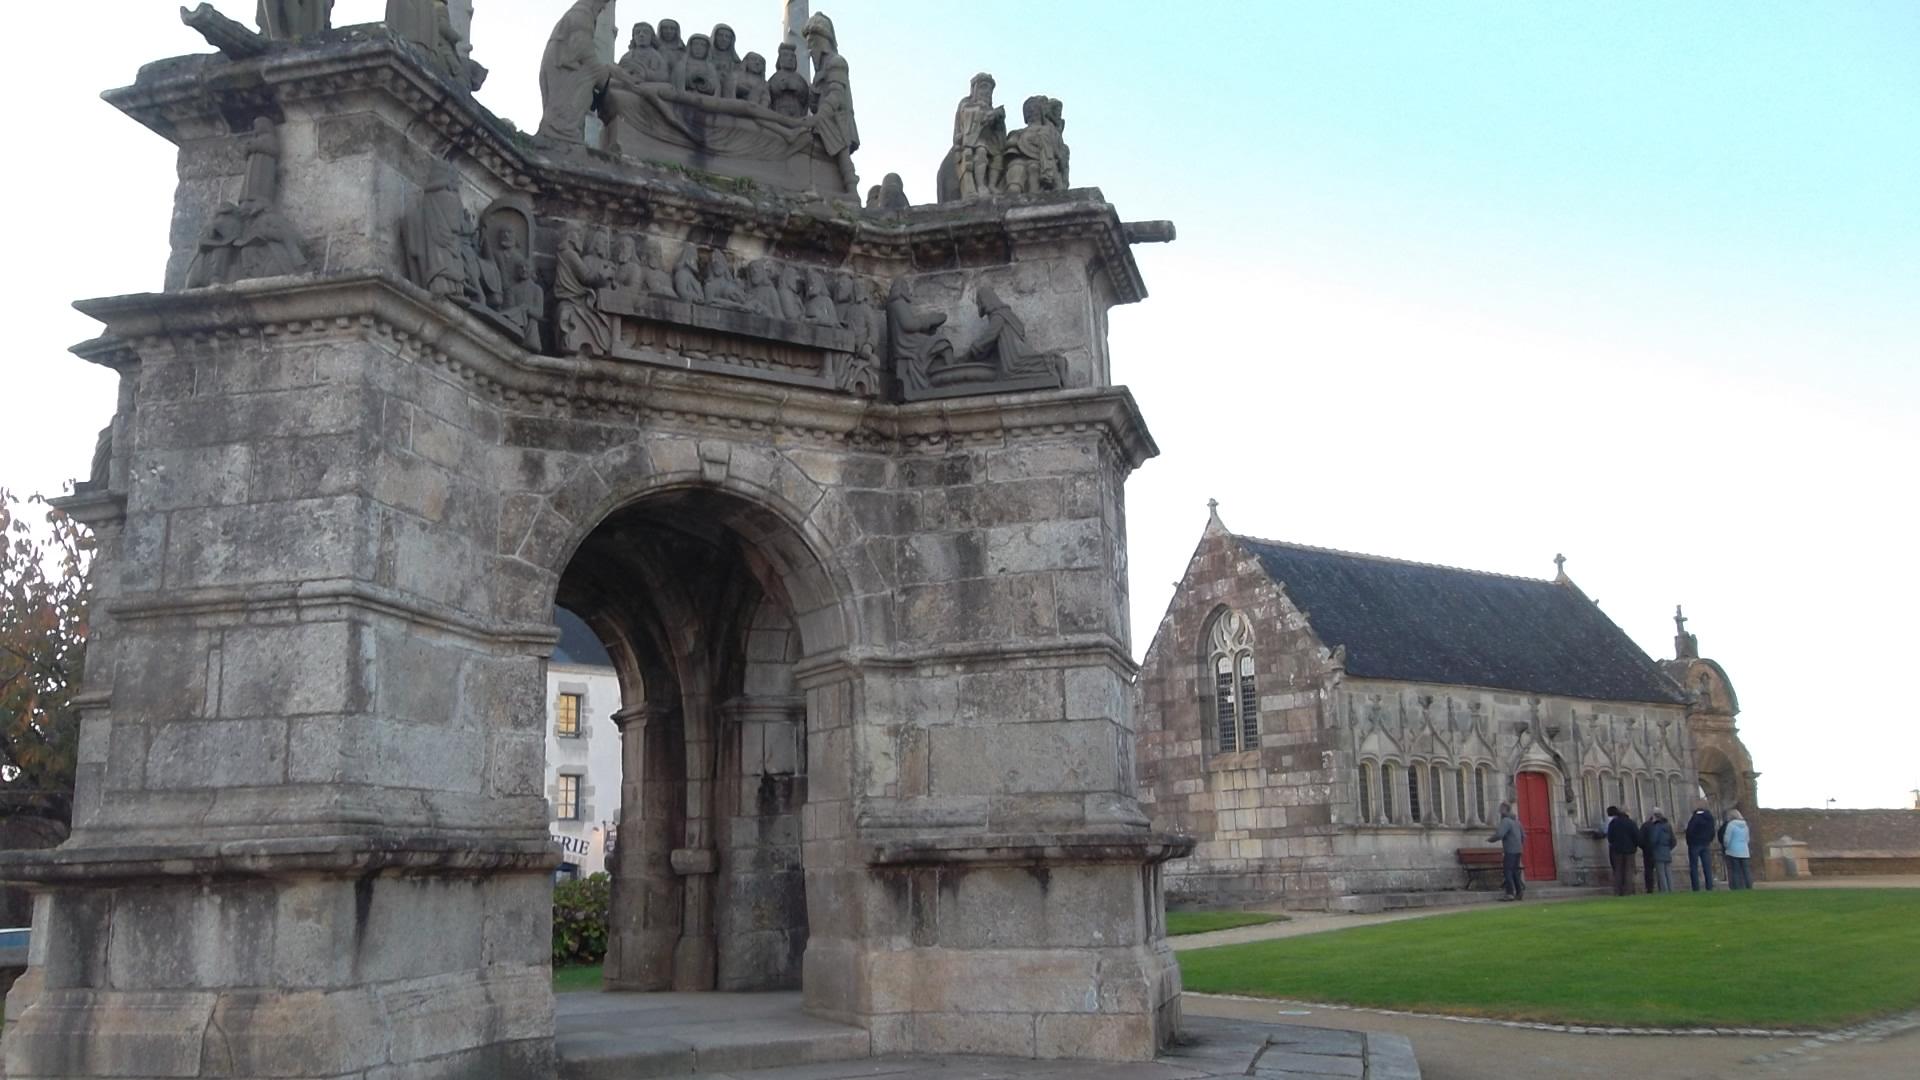 pleyben-calvaire-and-chapel-enclos-saint-germain-l_auxerrois-nov12